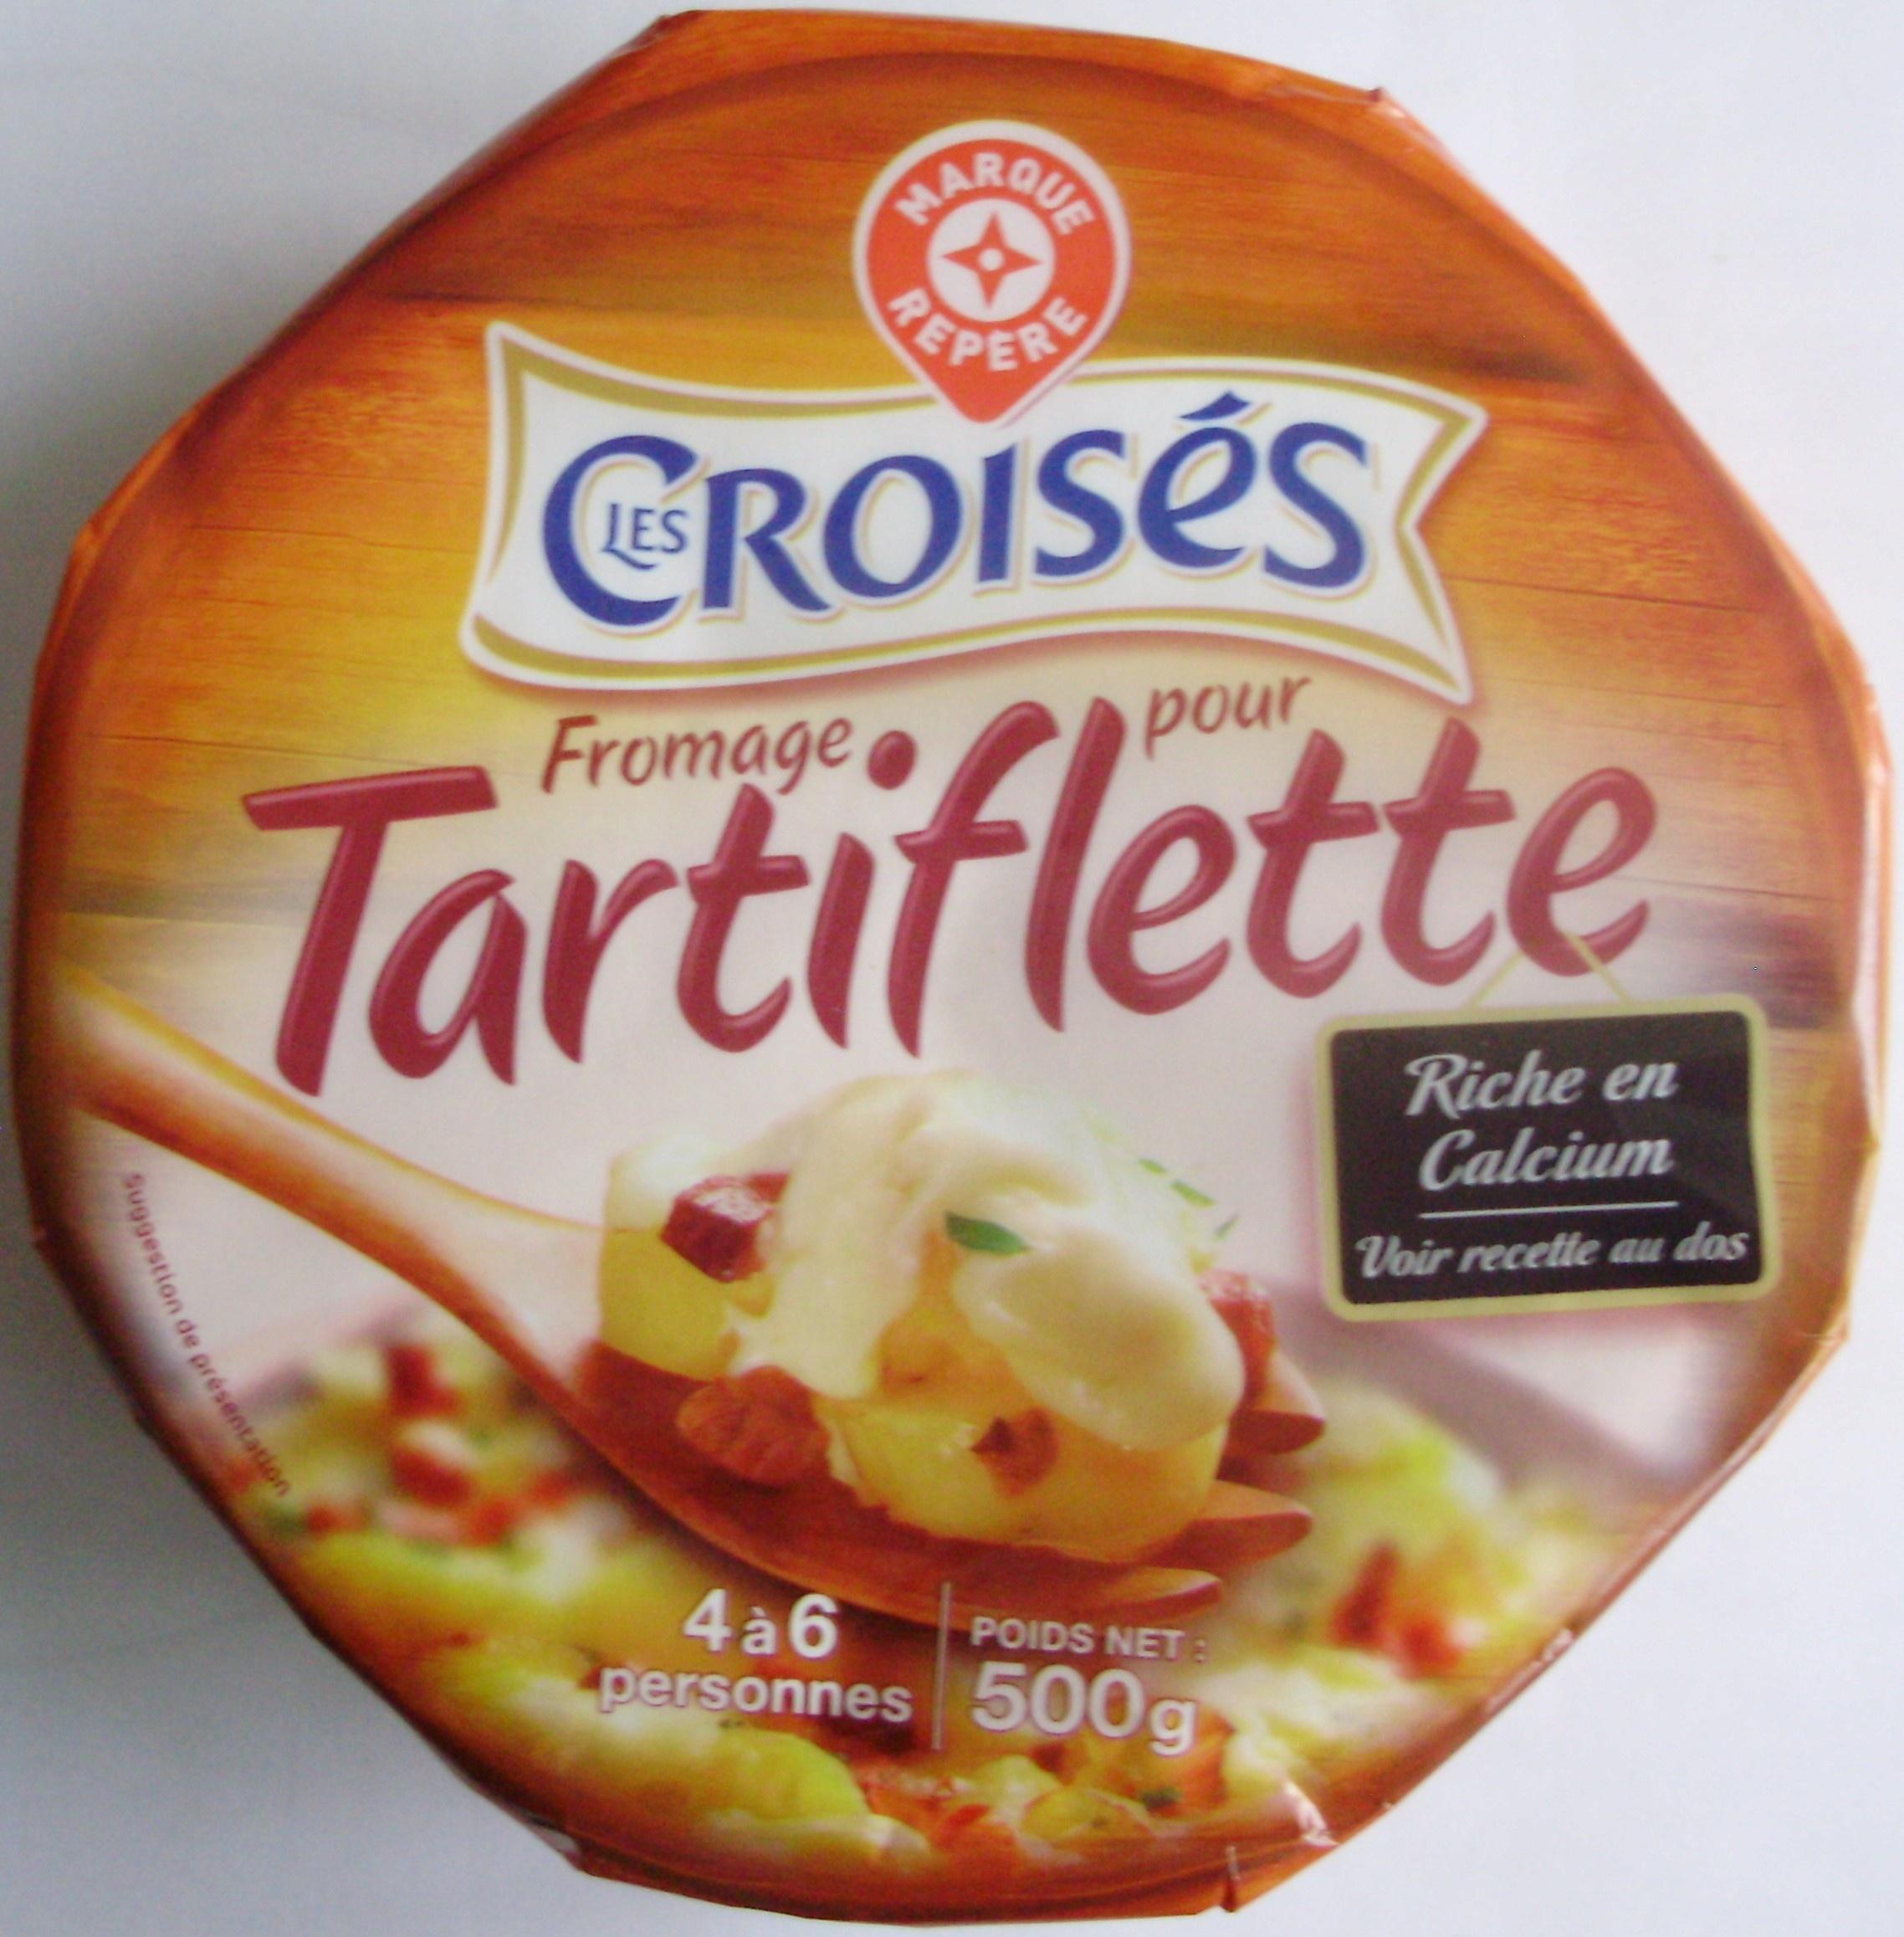 fromage pour tartiflette 27 mg 4 6 personnes les crois s 500 g. Black Bedroom Furniture Sets. Home Design Ideas